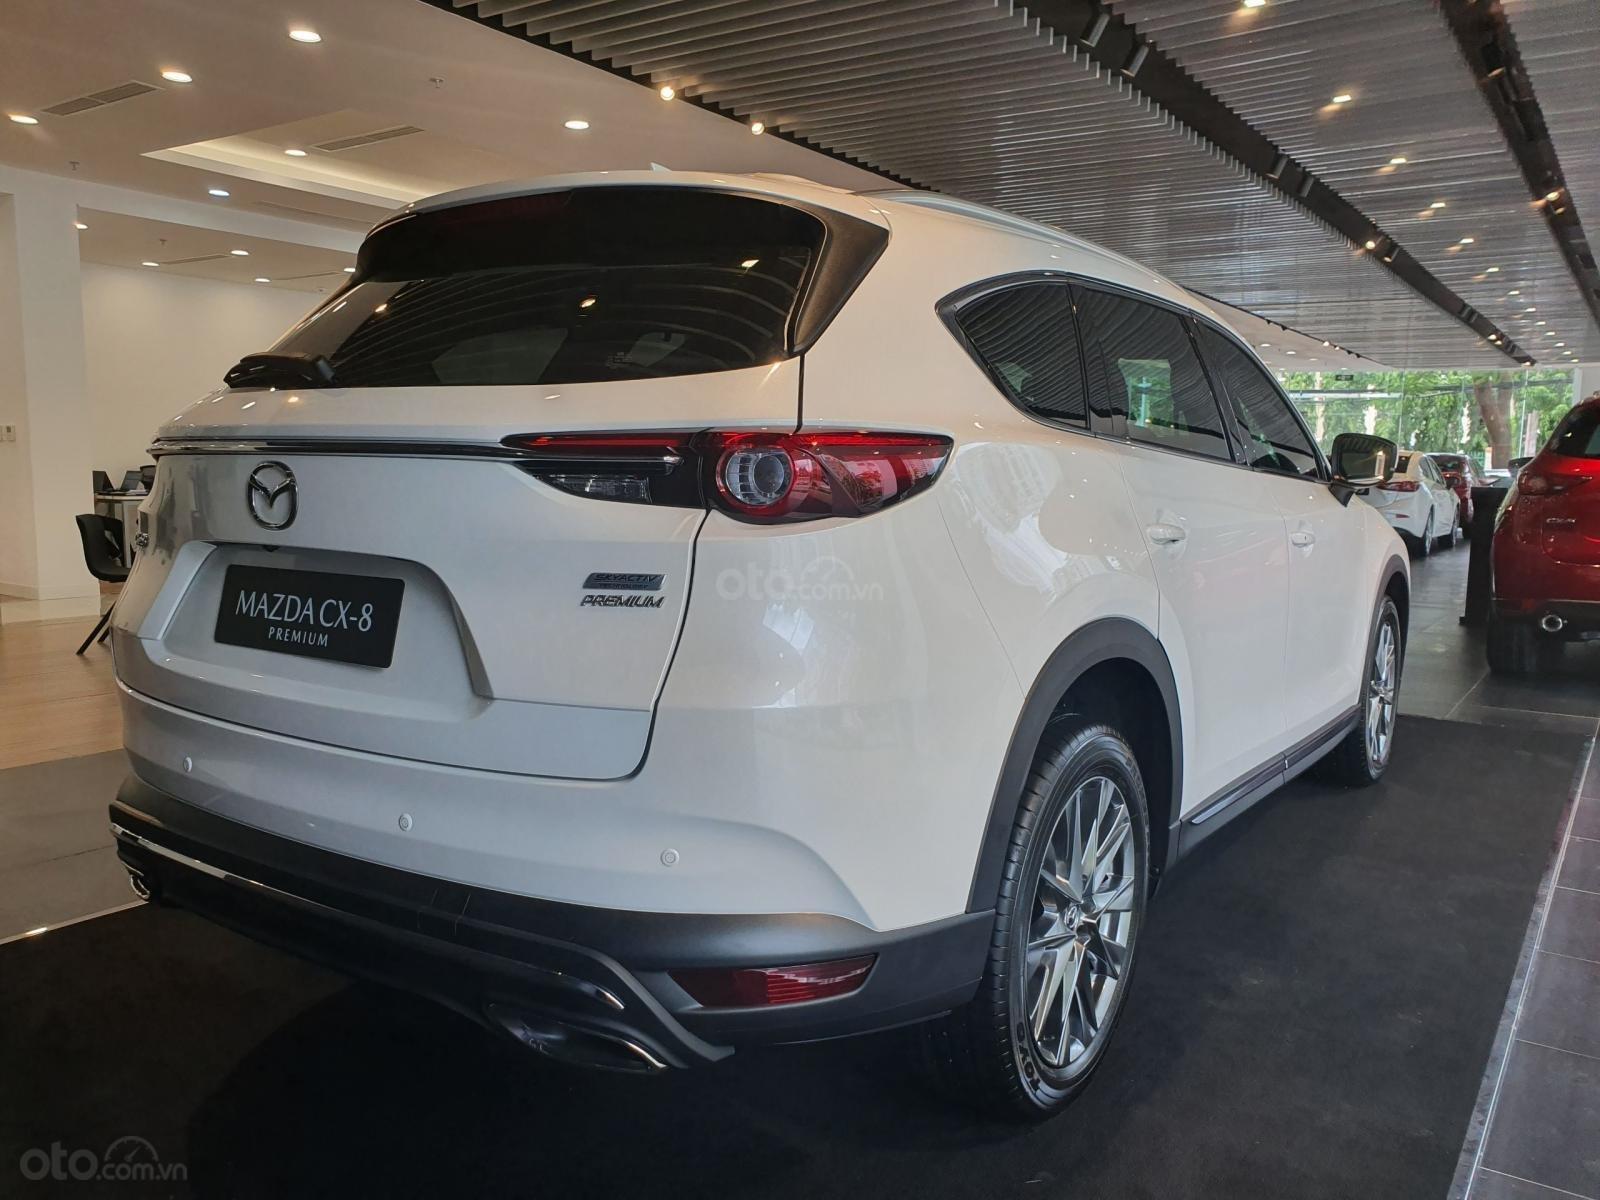 Bán Mazda CX8 - ưu đãi lên đến 50tr cho tất cả phiên bản cùng nhiều quà tặng hấp dẫn (3)